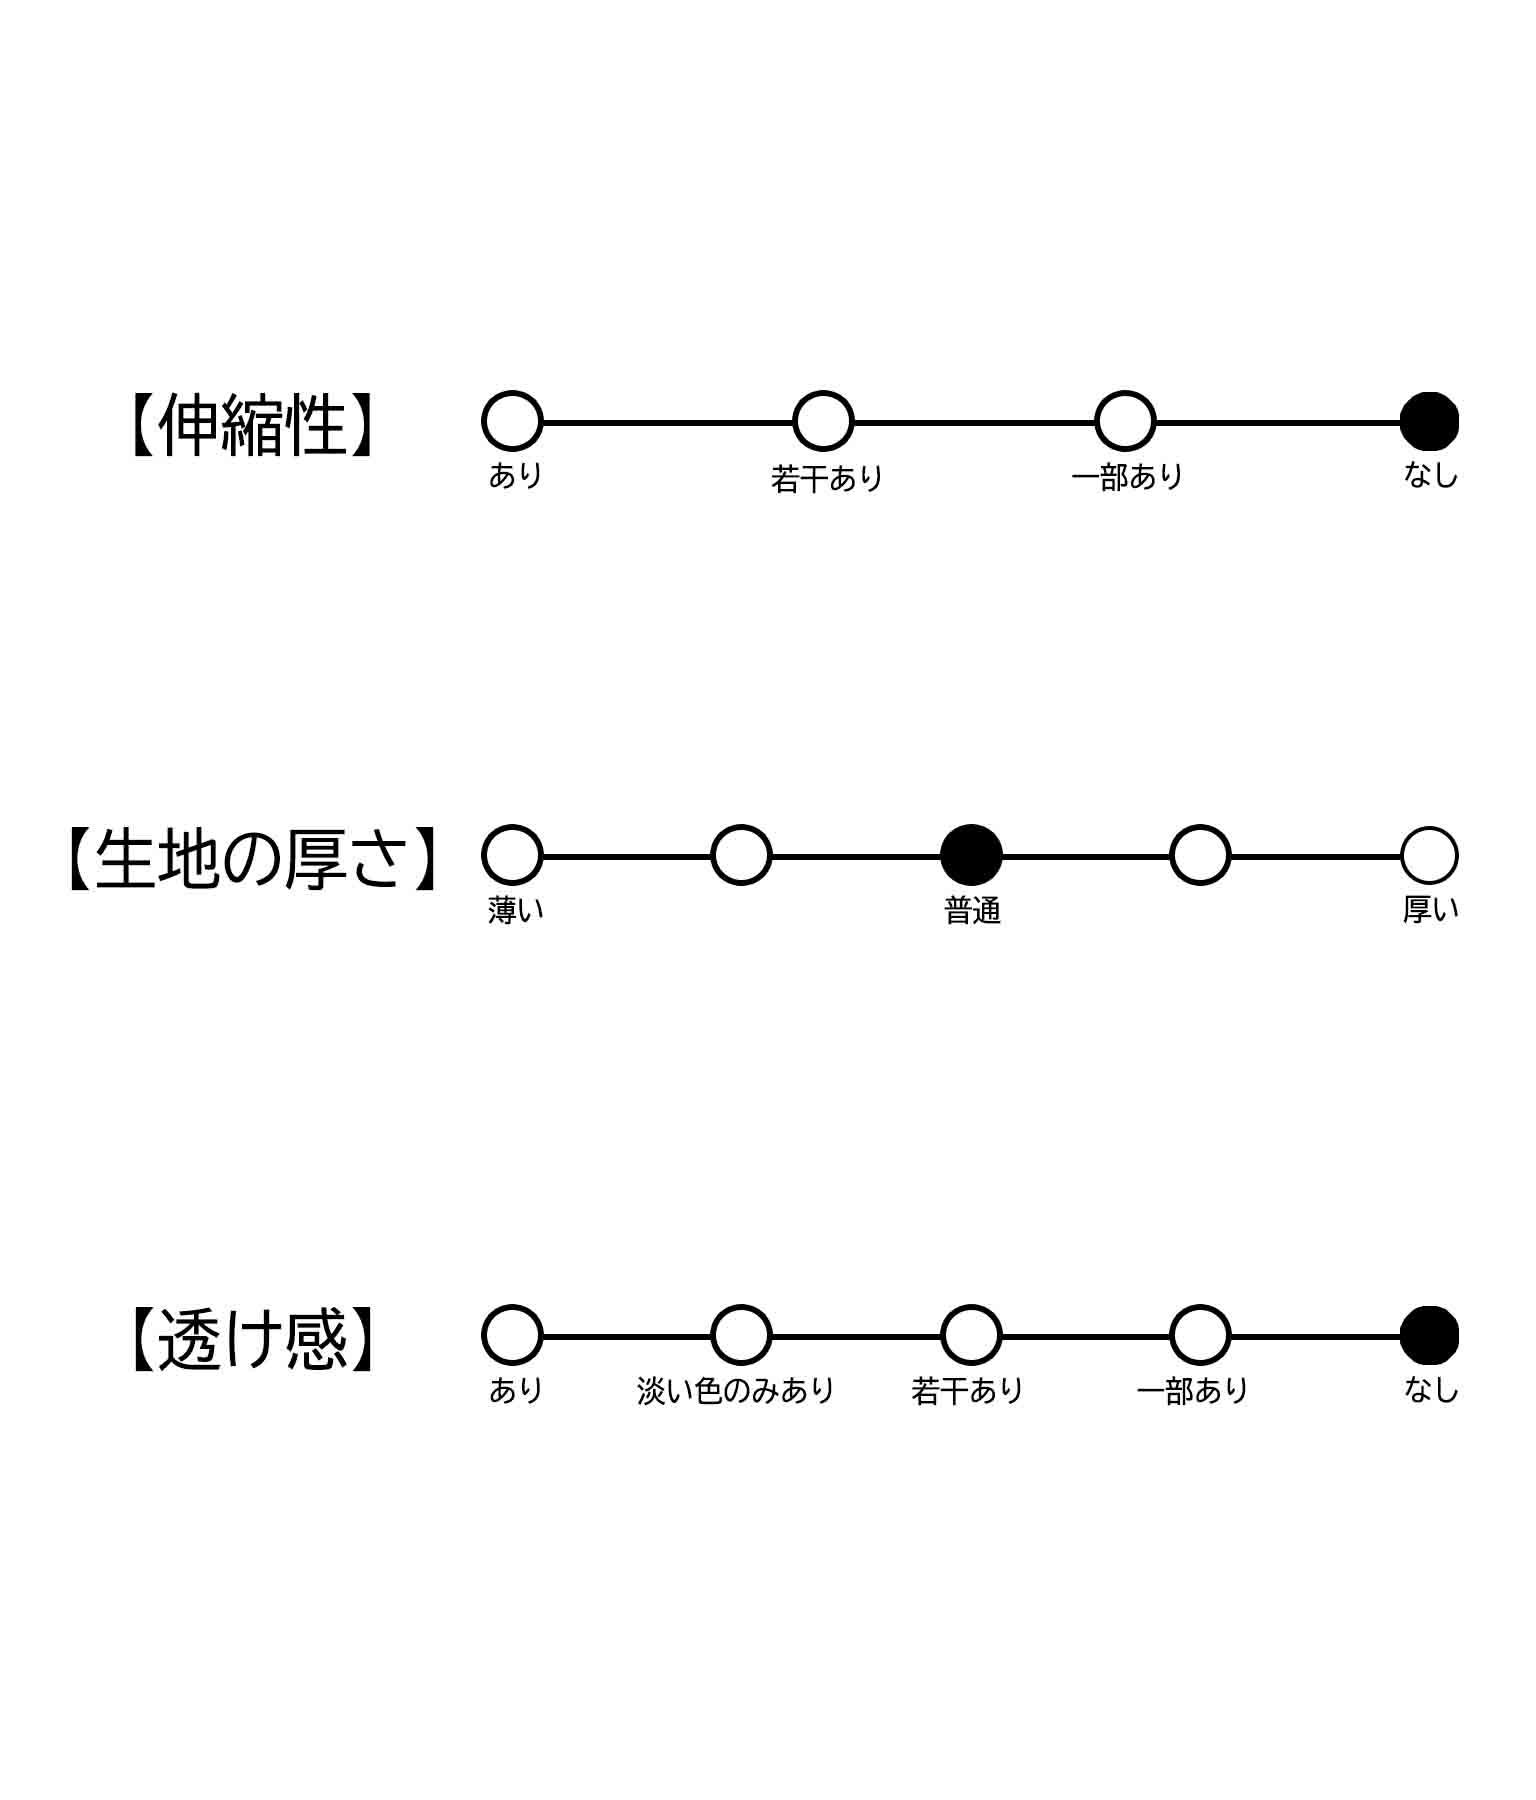 デニムサロペット(ワンピース・ドレス/サロペット/オールインワン) | anap mimpi